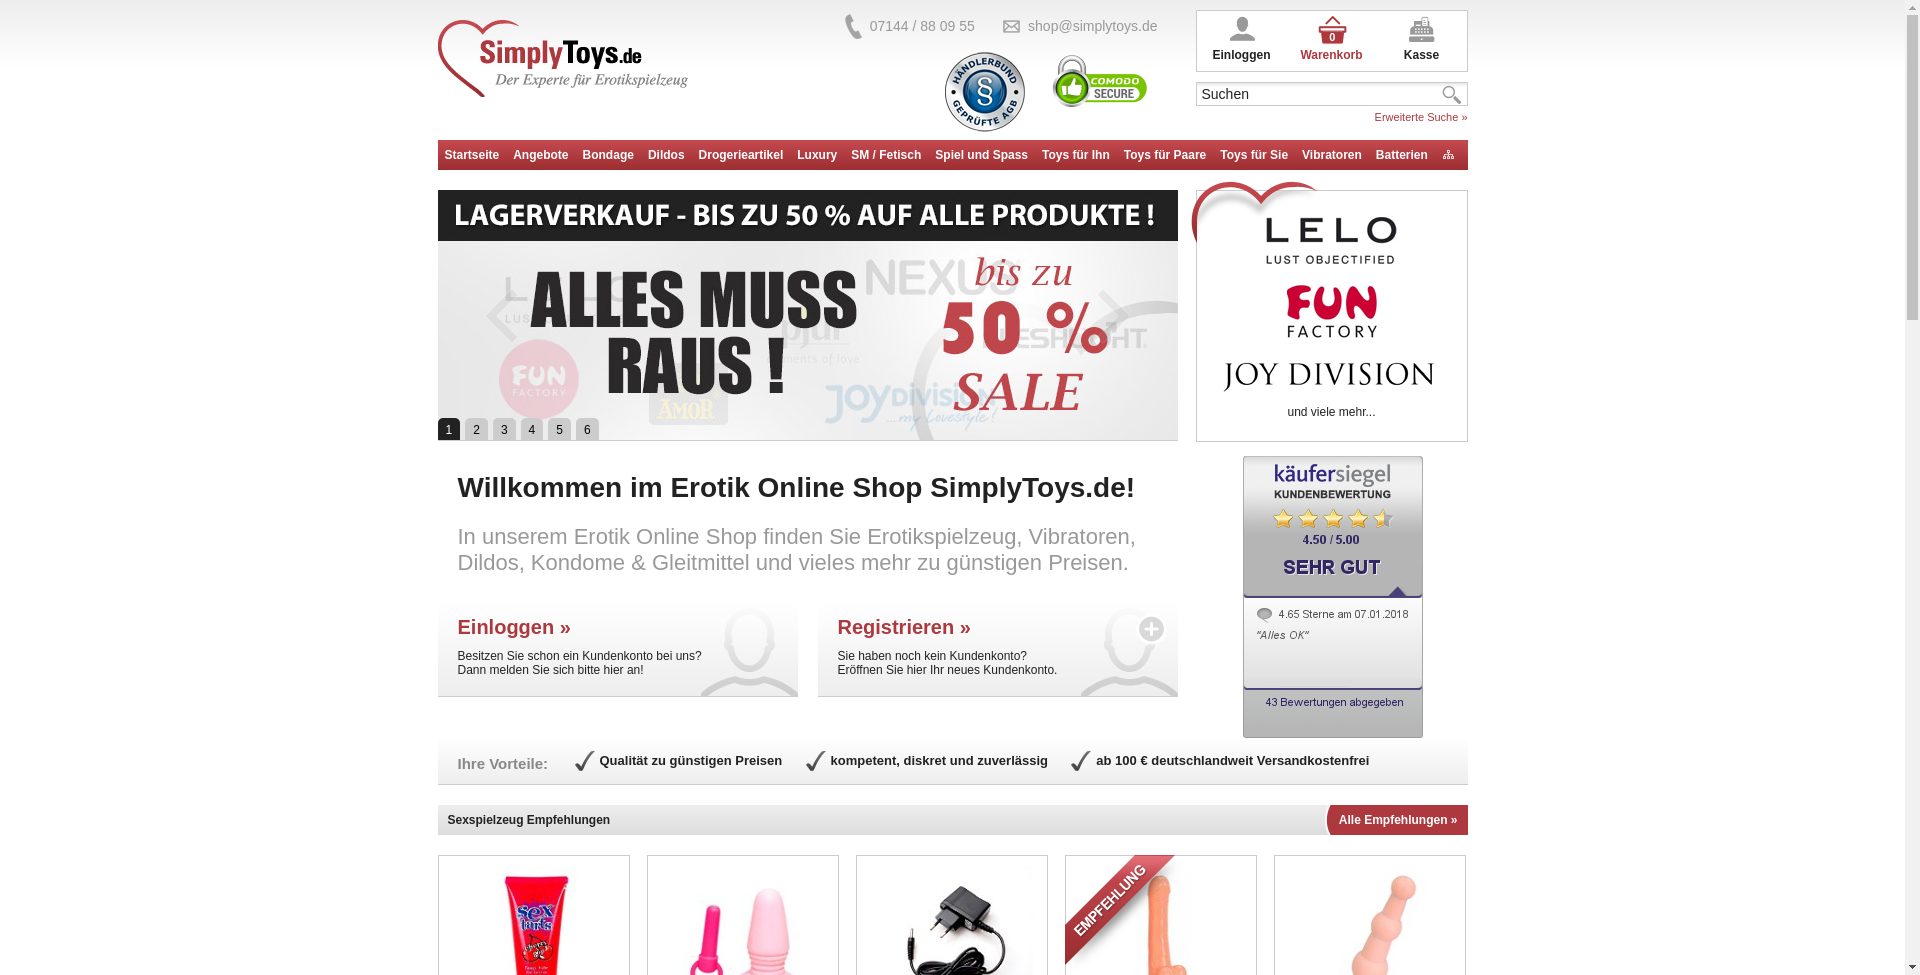 SimplyToys.de